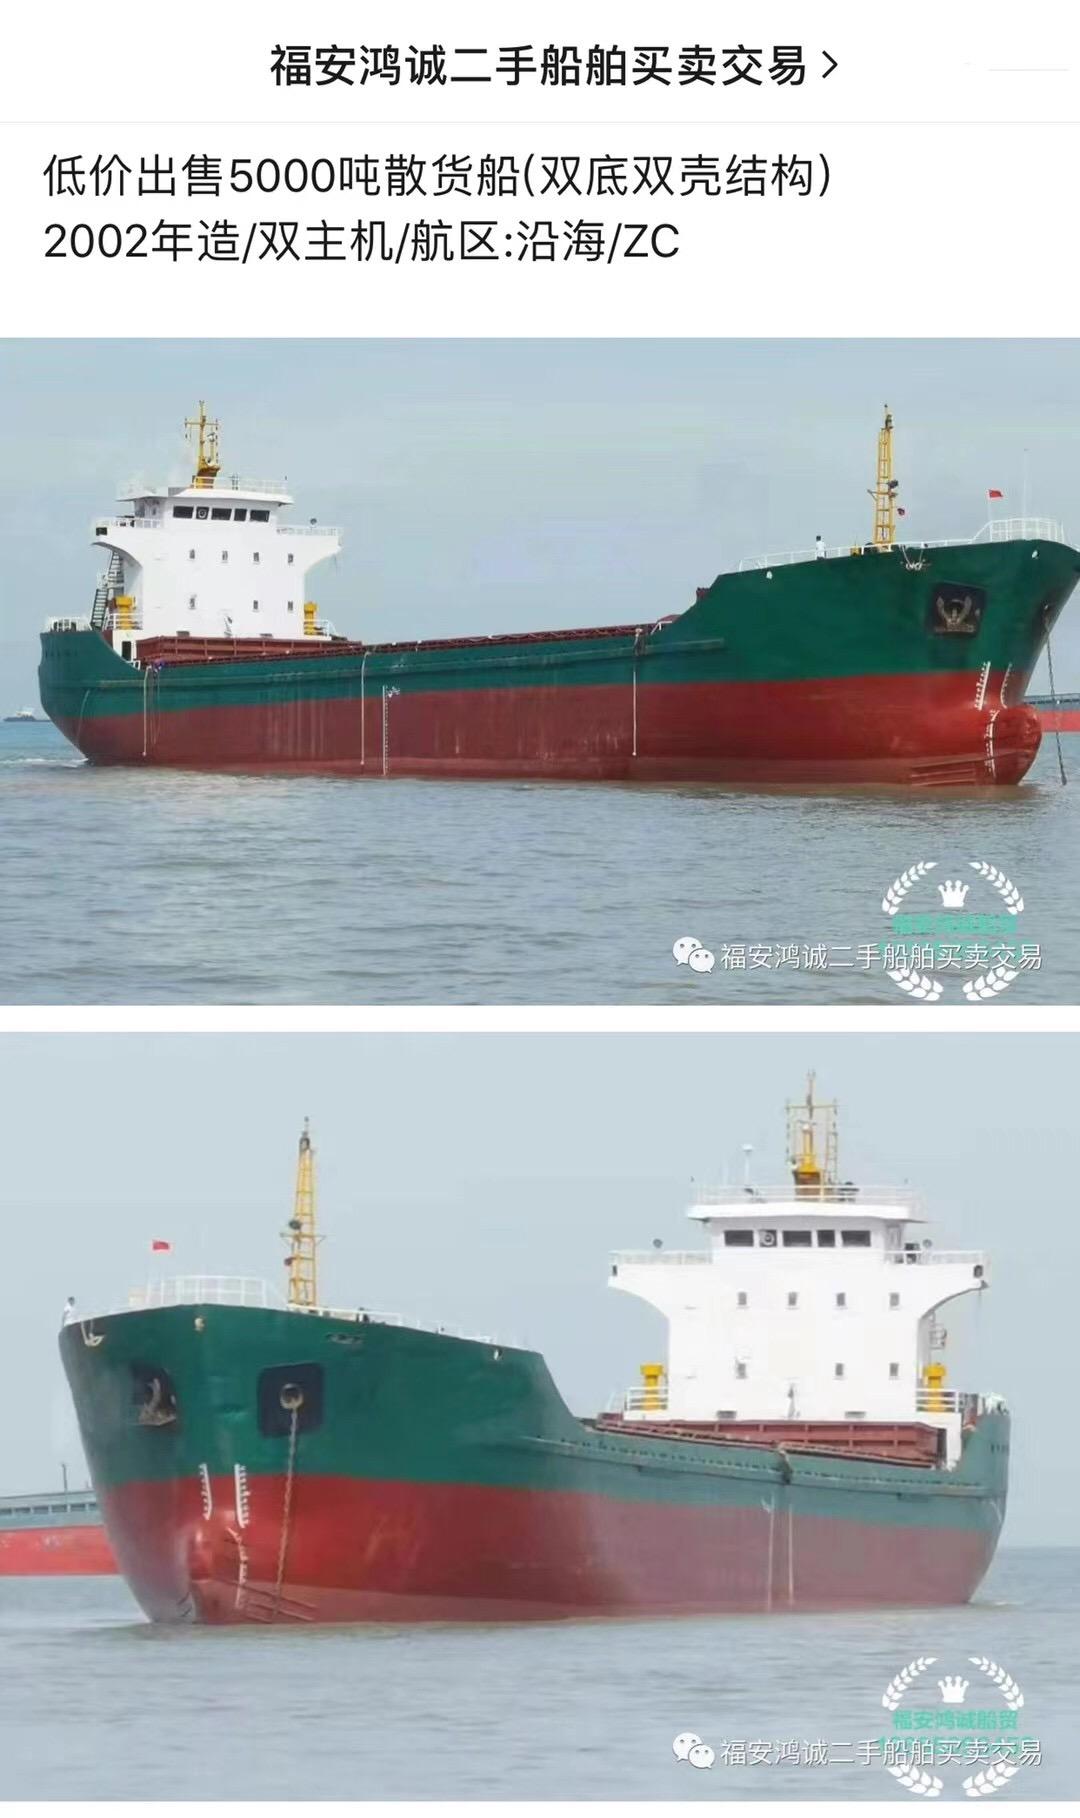 低价出售5000吨散货船(双底双壳结构)2002年造